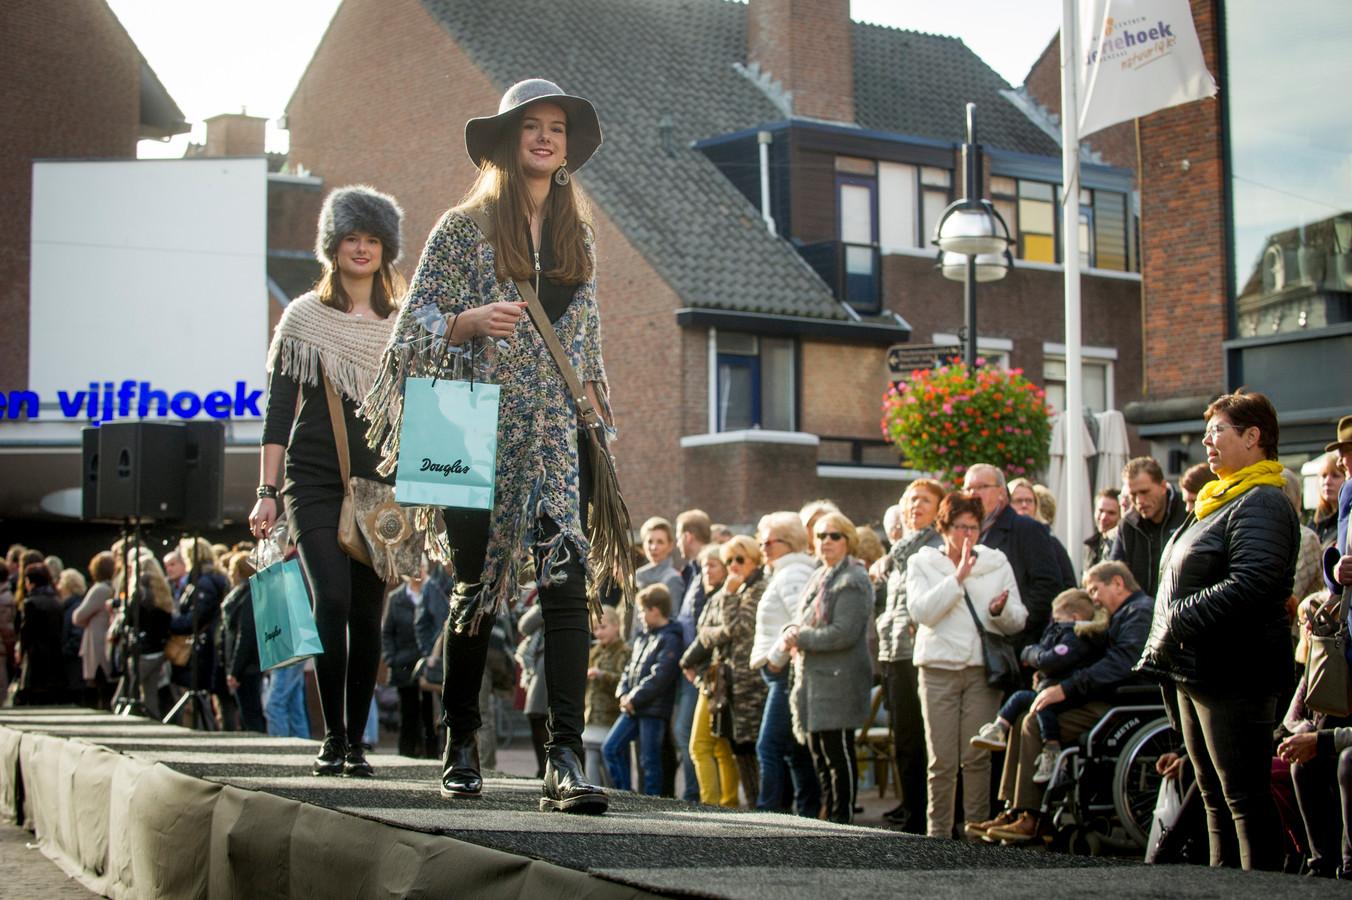 Voor het eerst sinds de uitbraak van het coronavirus wordt er op zondag 16 augustus weer een koopzondag gehouden in de Oldenzaal binnenstad. Zonder een grote modeshow of live-muziek, maar wel met veel deelname van de ondernemers.